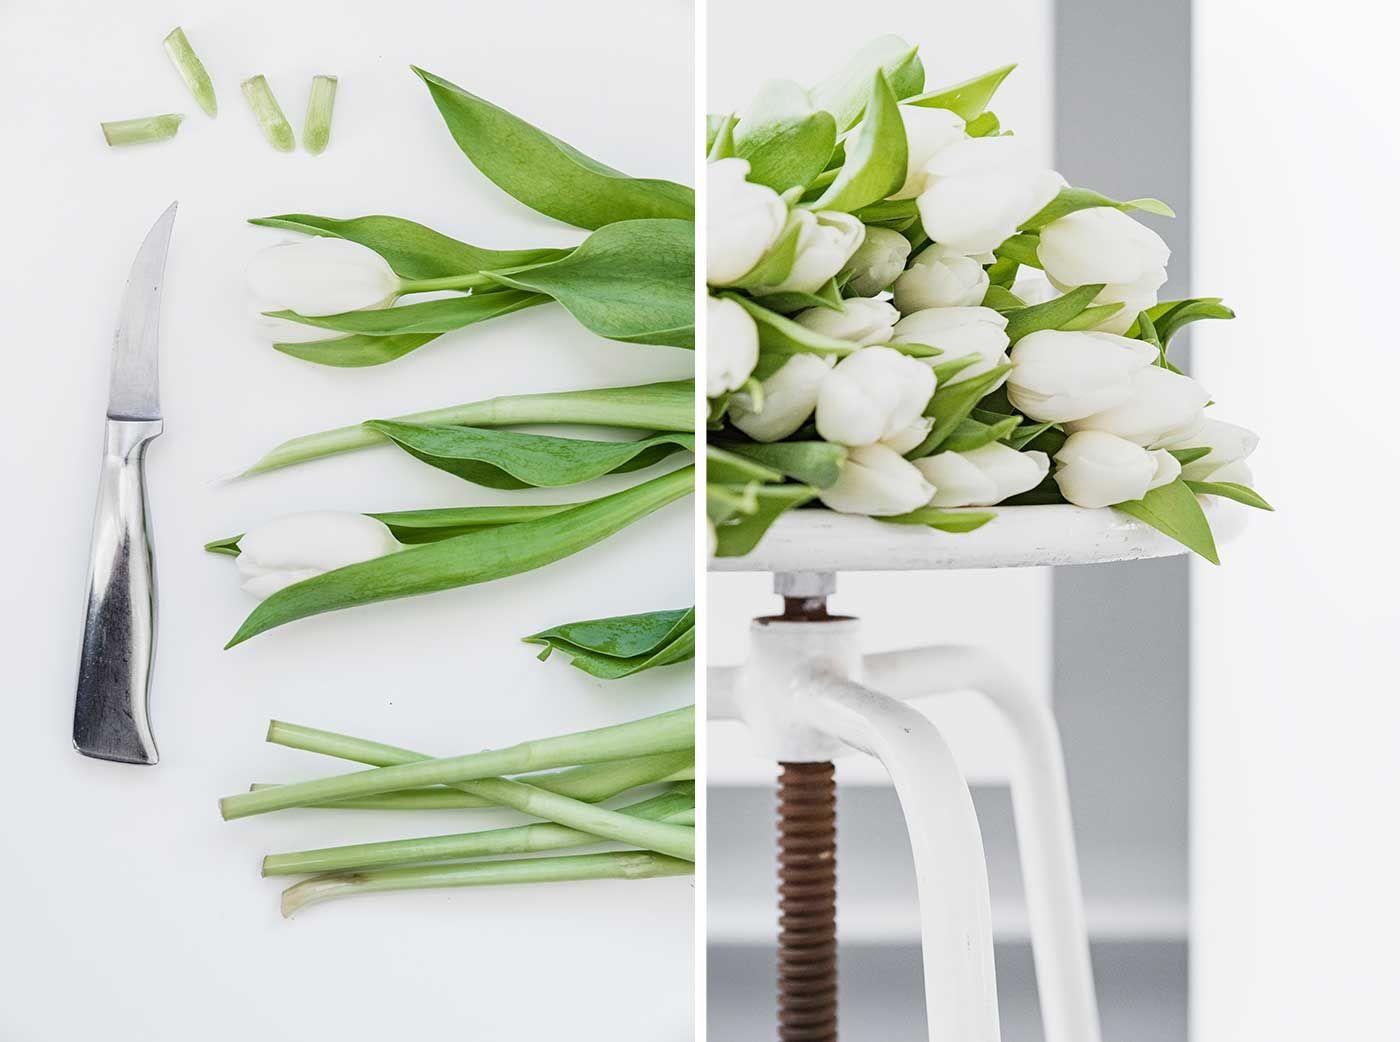 10 tipps, wie schnittblumen länger frisch bleiben | housekeeping, Garten und erstellen